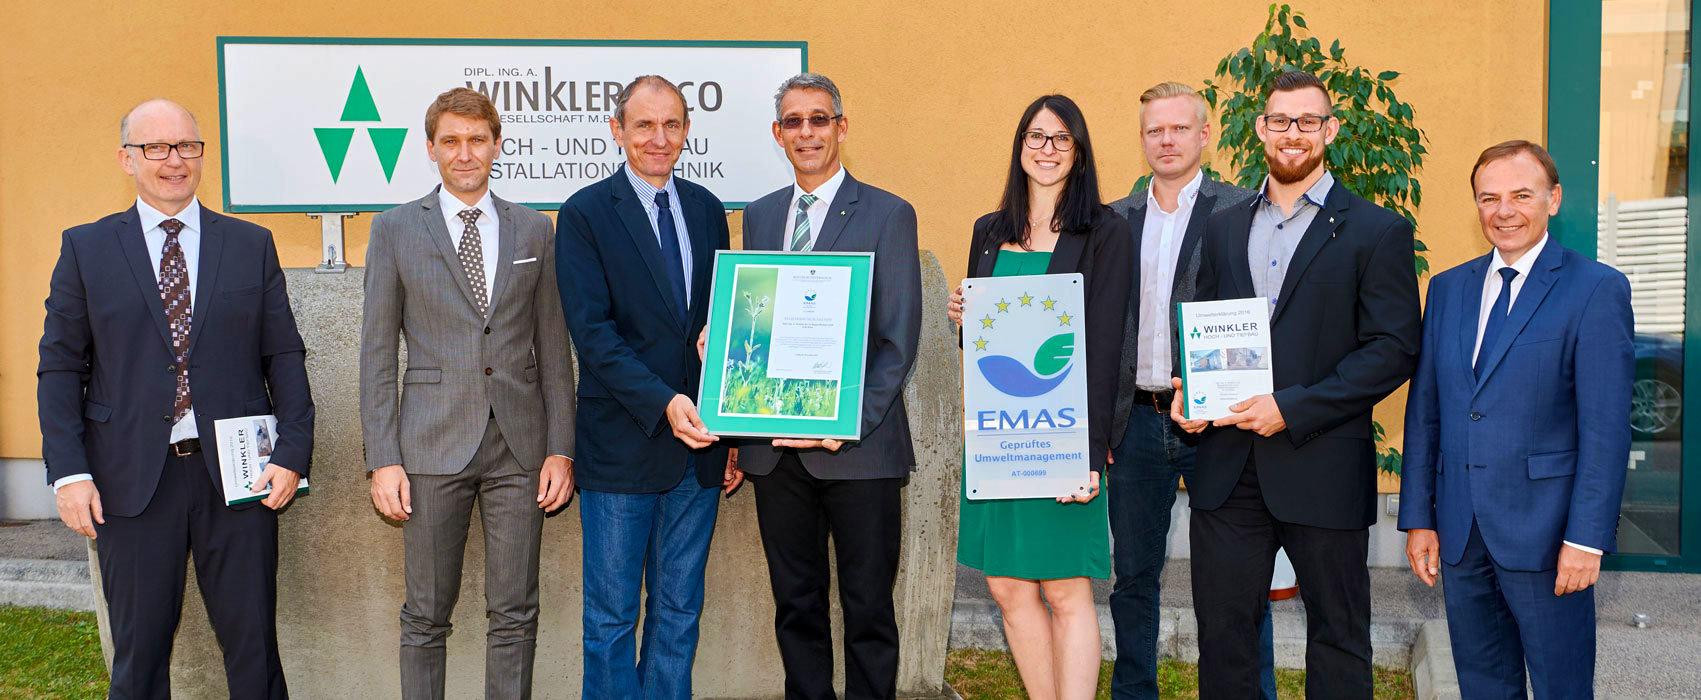 Foto der Übergabe der EMAS Zertifikat